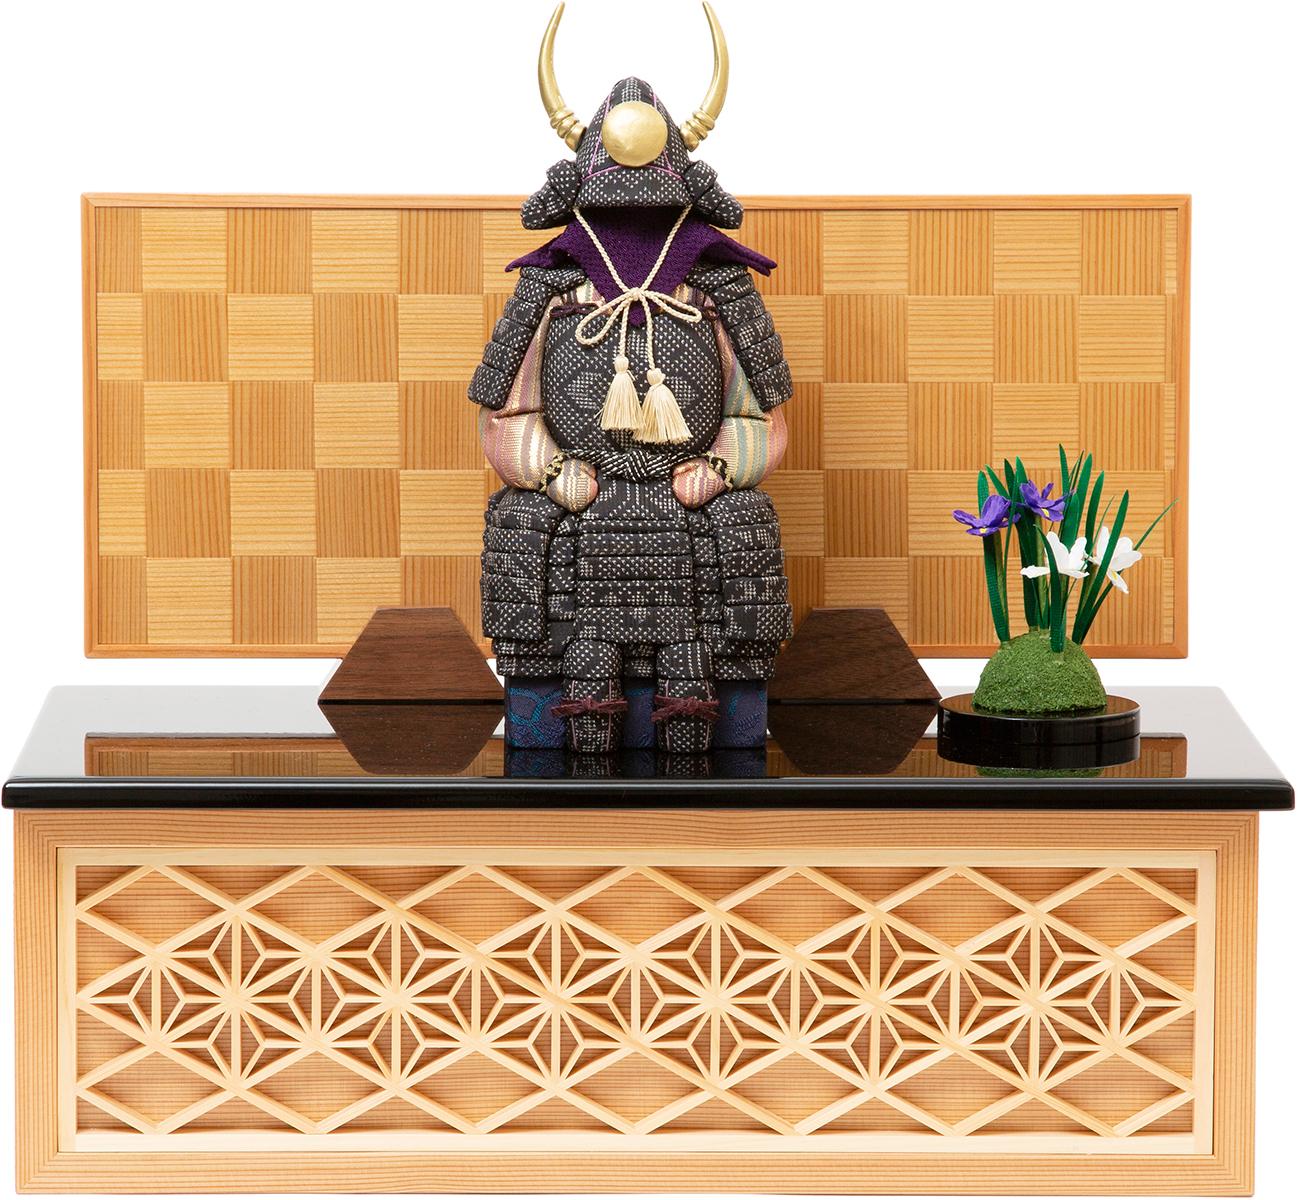 鎧飾りをおしゃれに、コンパクトに飾りたい」なら、《四角形・大》6つの日本伝統工芸をコンパクトにした、木目込の「プレミアム鎧飾り」| 宝輝 | 柿沼人形